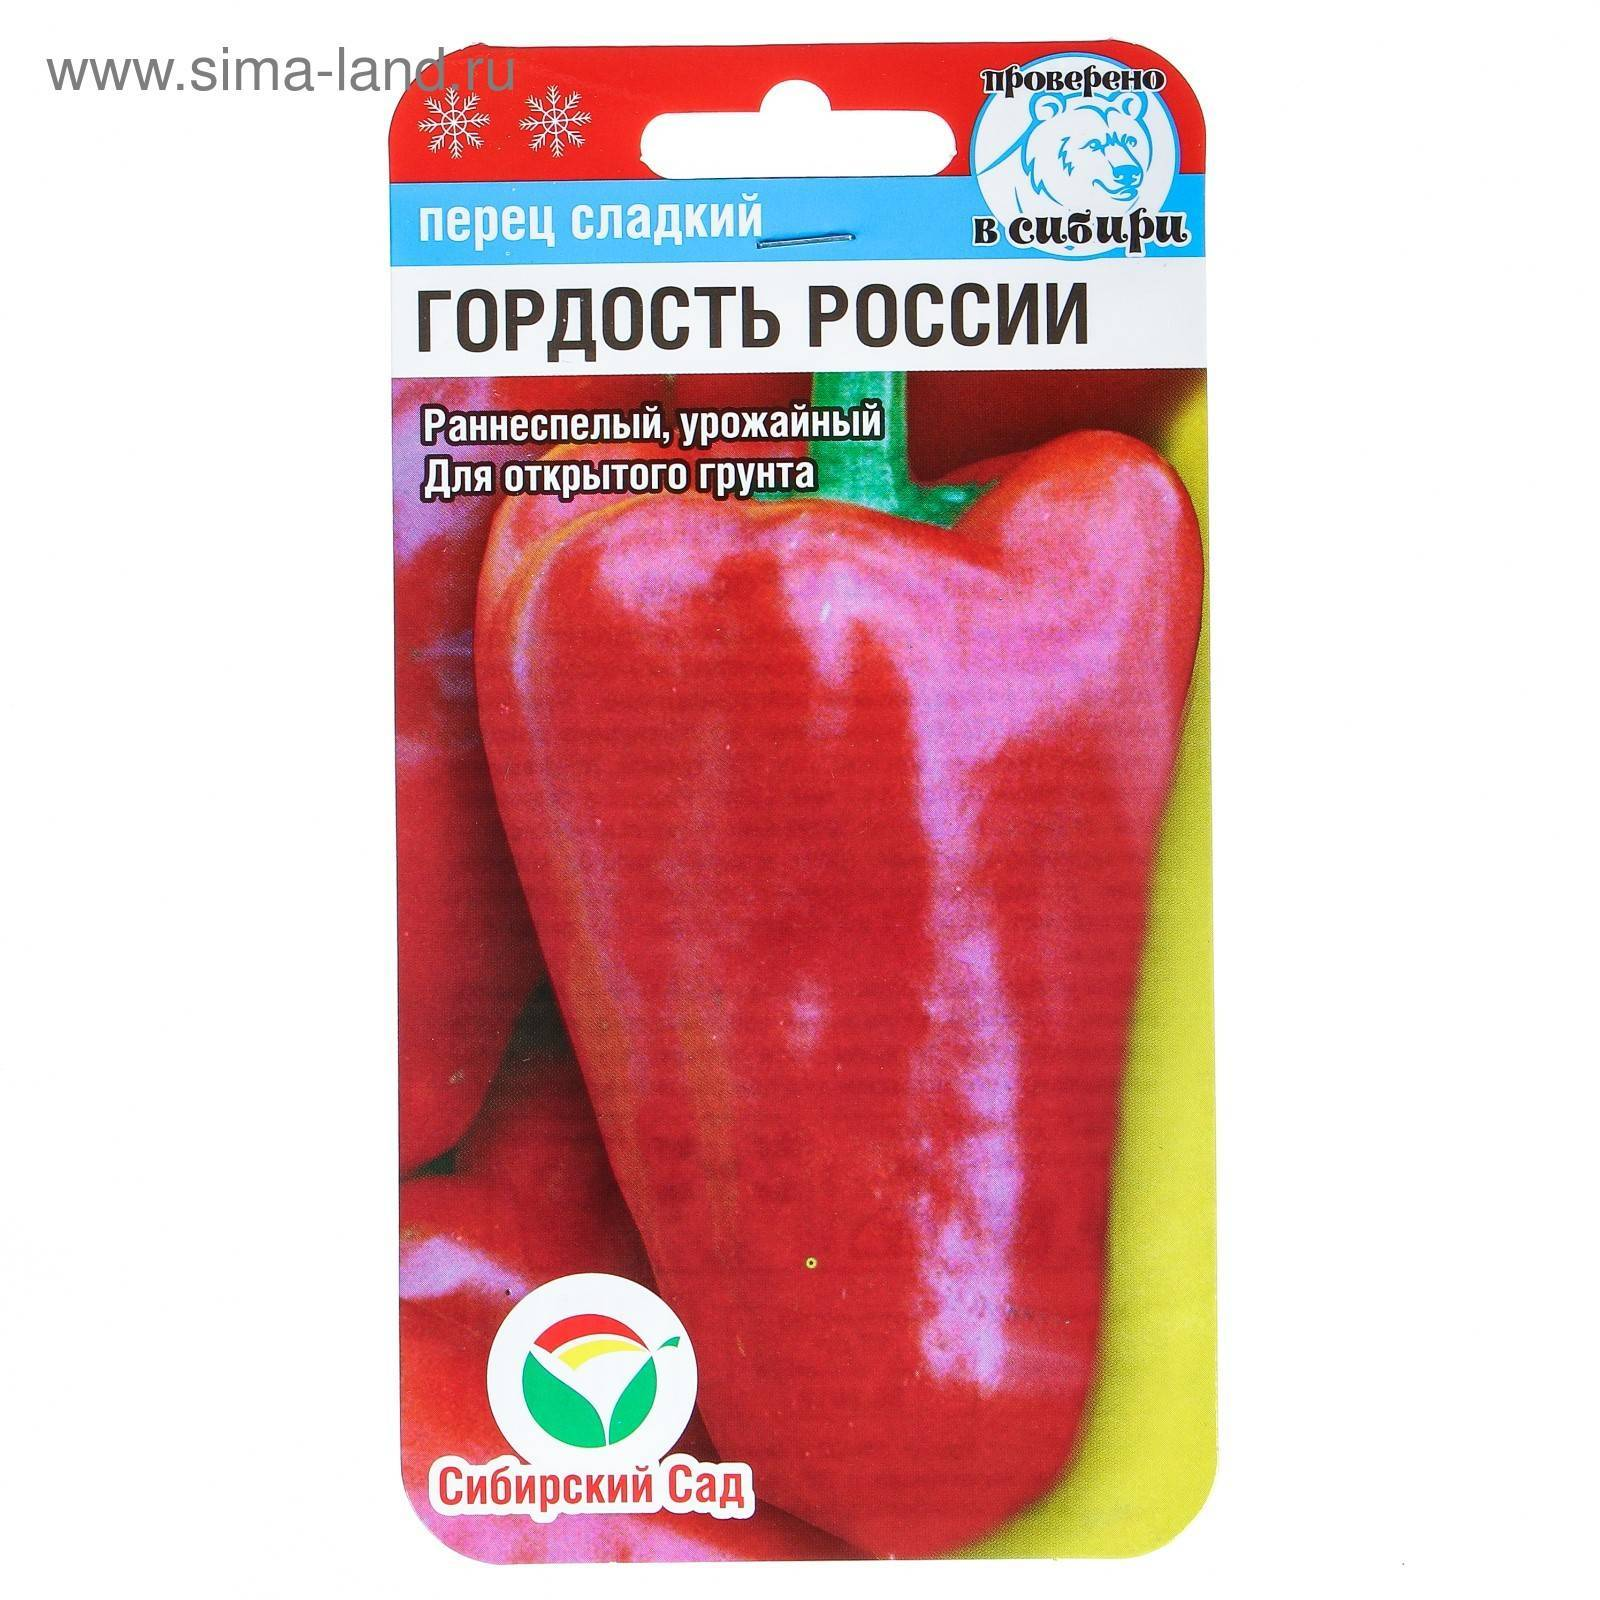 Характеристика перца сорта гордость россии